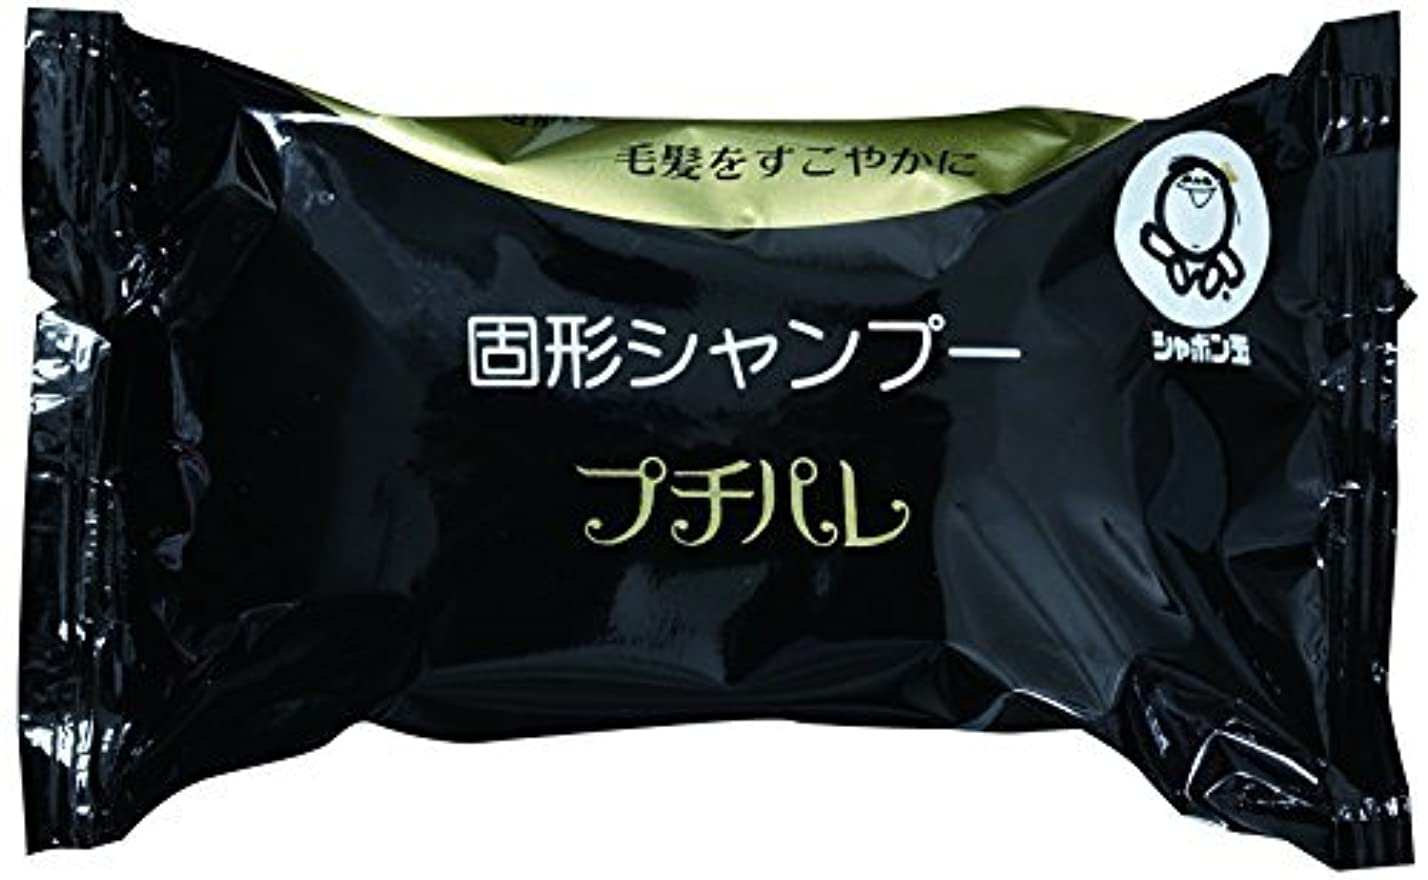 殺します品種引き潮シャボン玉 固形シャンプー プチパレ 100g(石鹸シャンプー) ?おまとめセット【6個】?